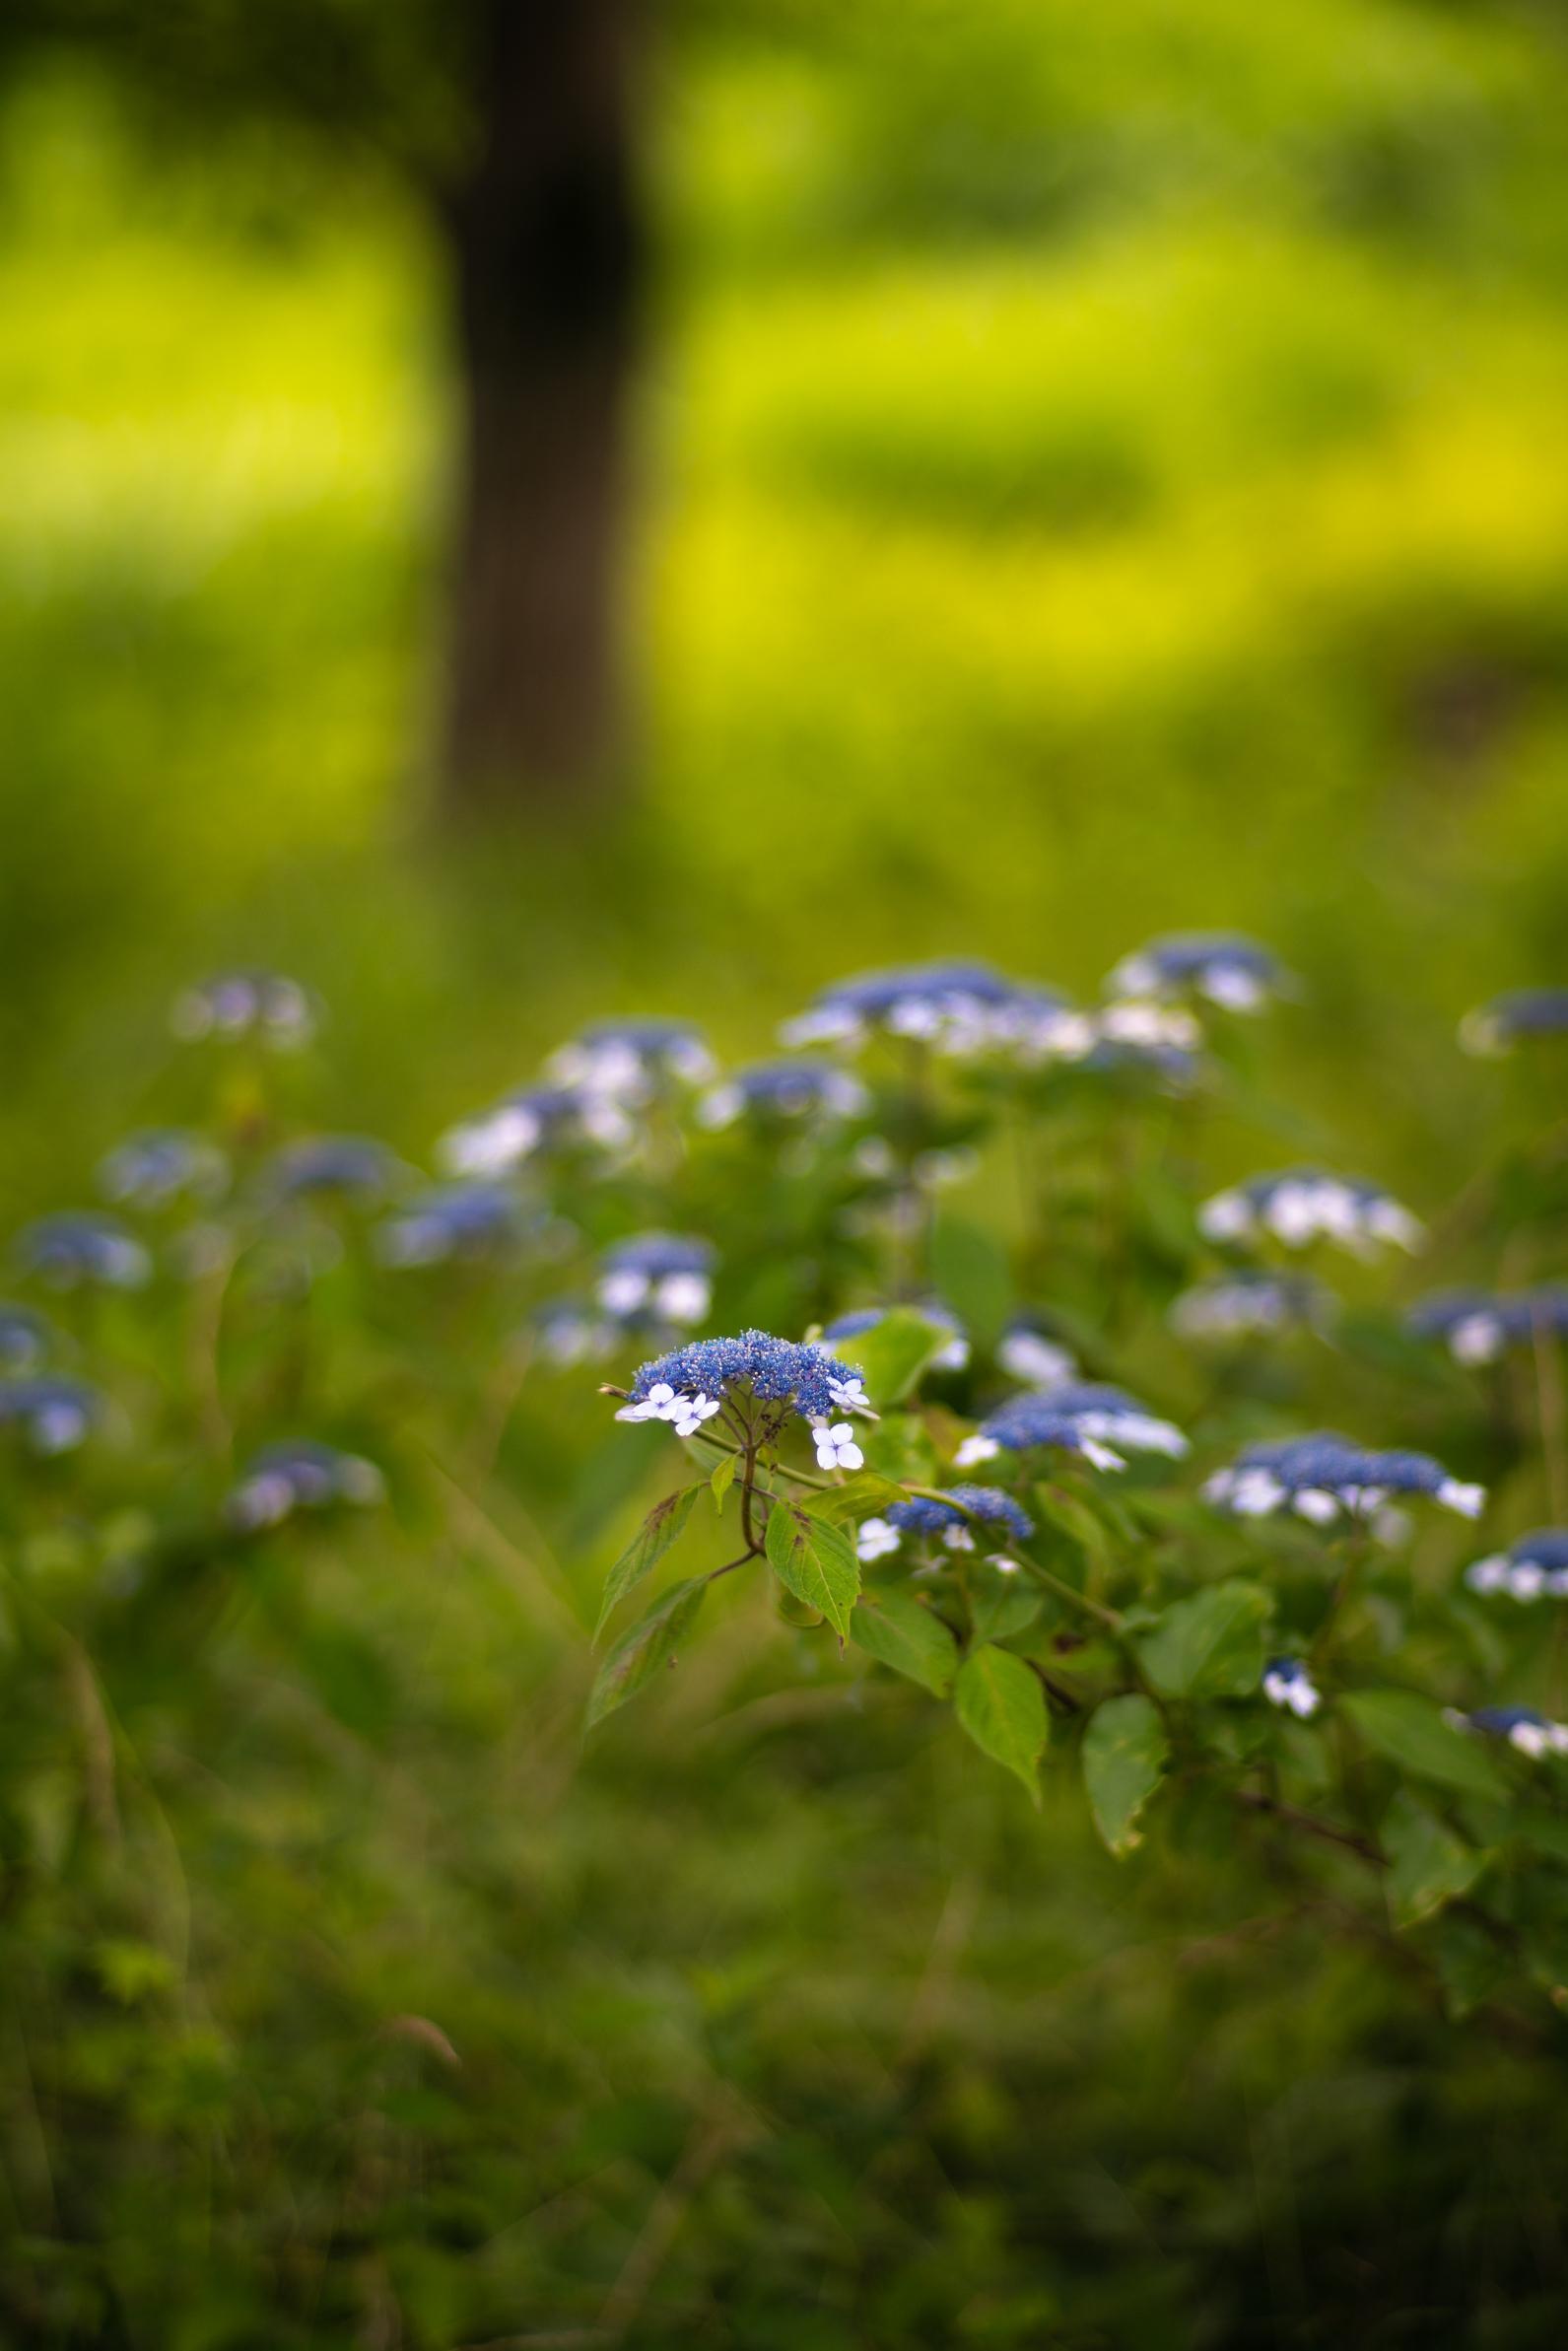 2020.06.21 秩父美の山公園 紫陽花-13.jpg